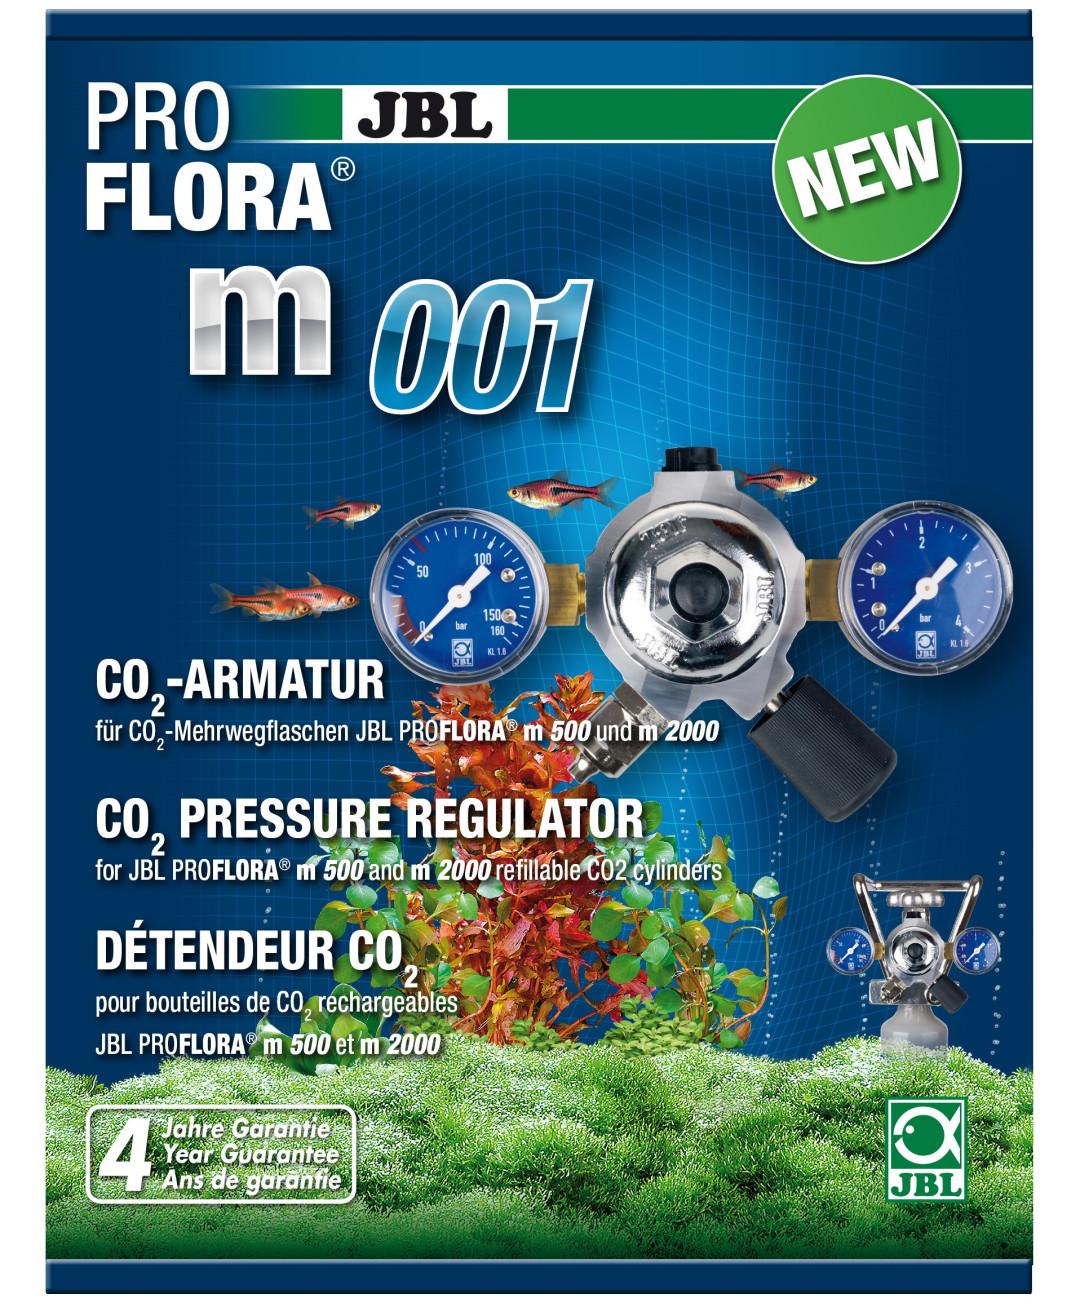 JBL armatuur ProFlora m001